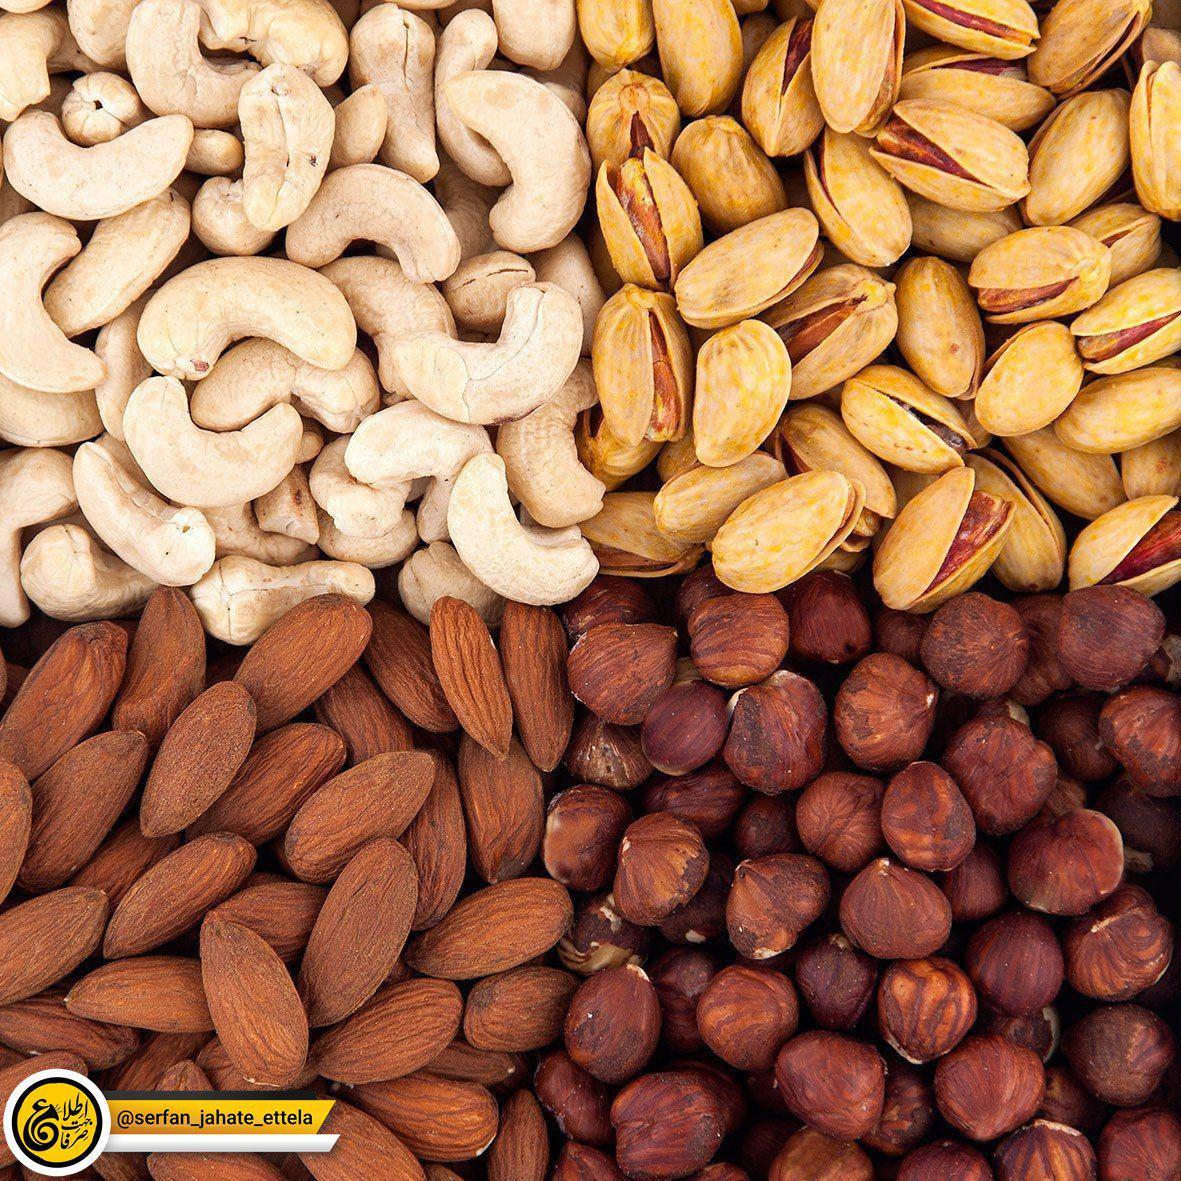 هر اندازه گردو و بادام هندی خارجی که در سطح بازار وجود دارد قاچاق است